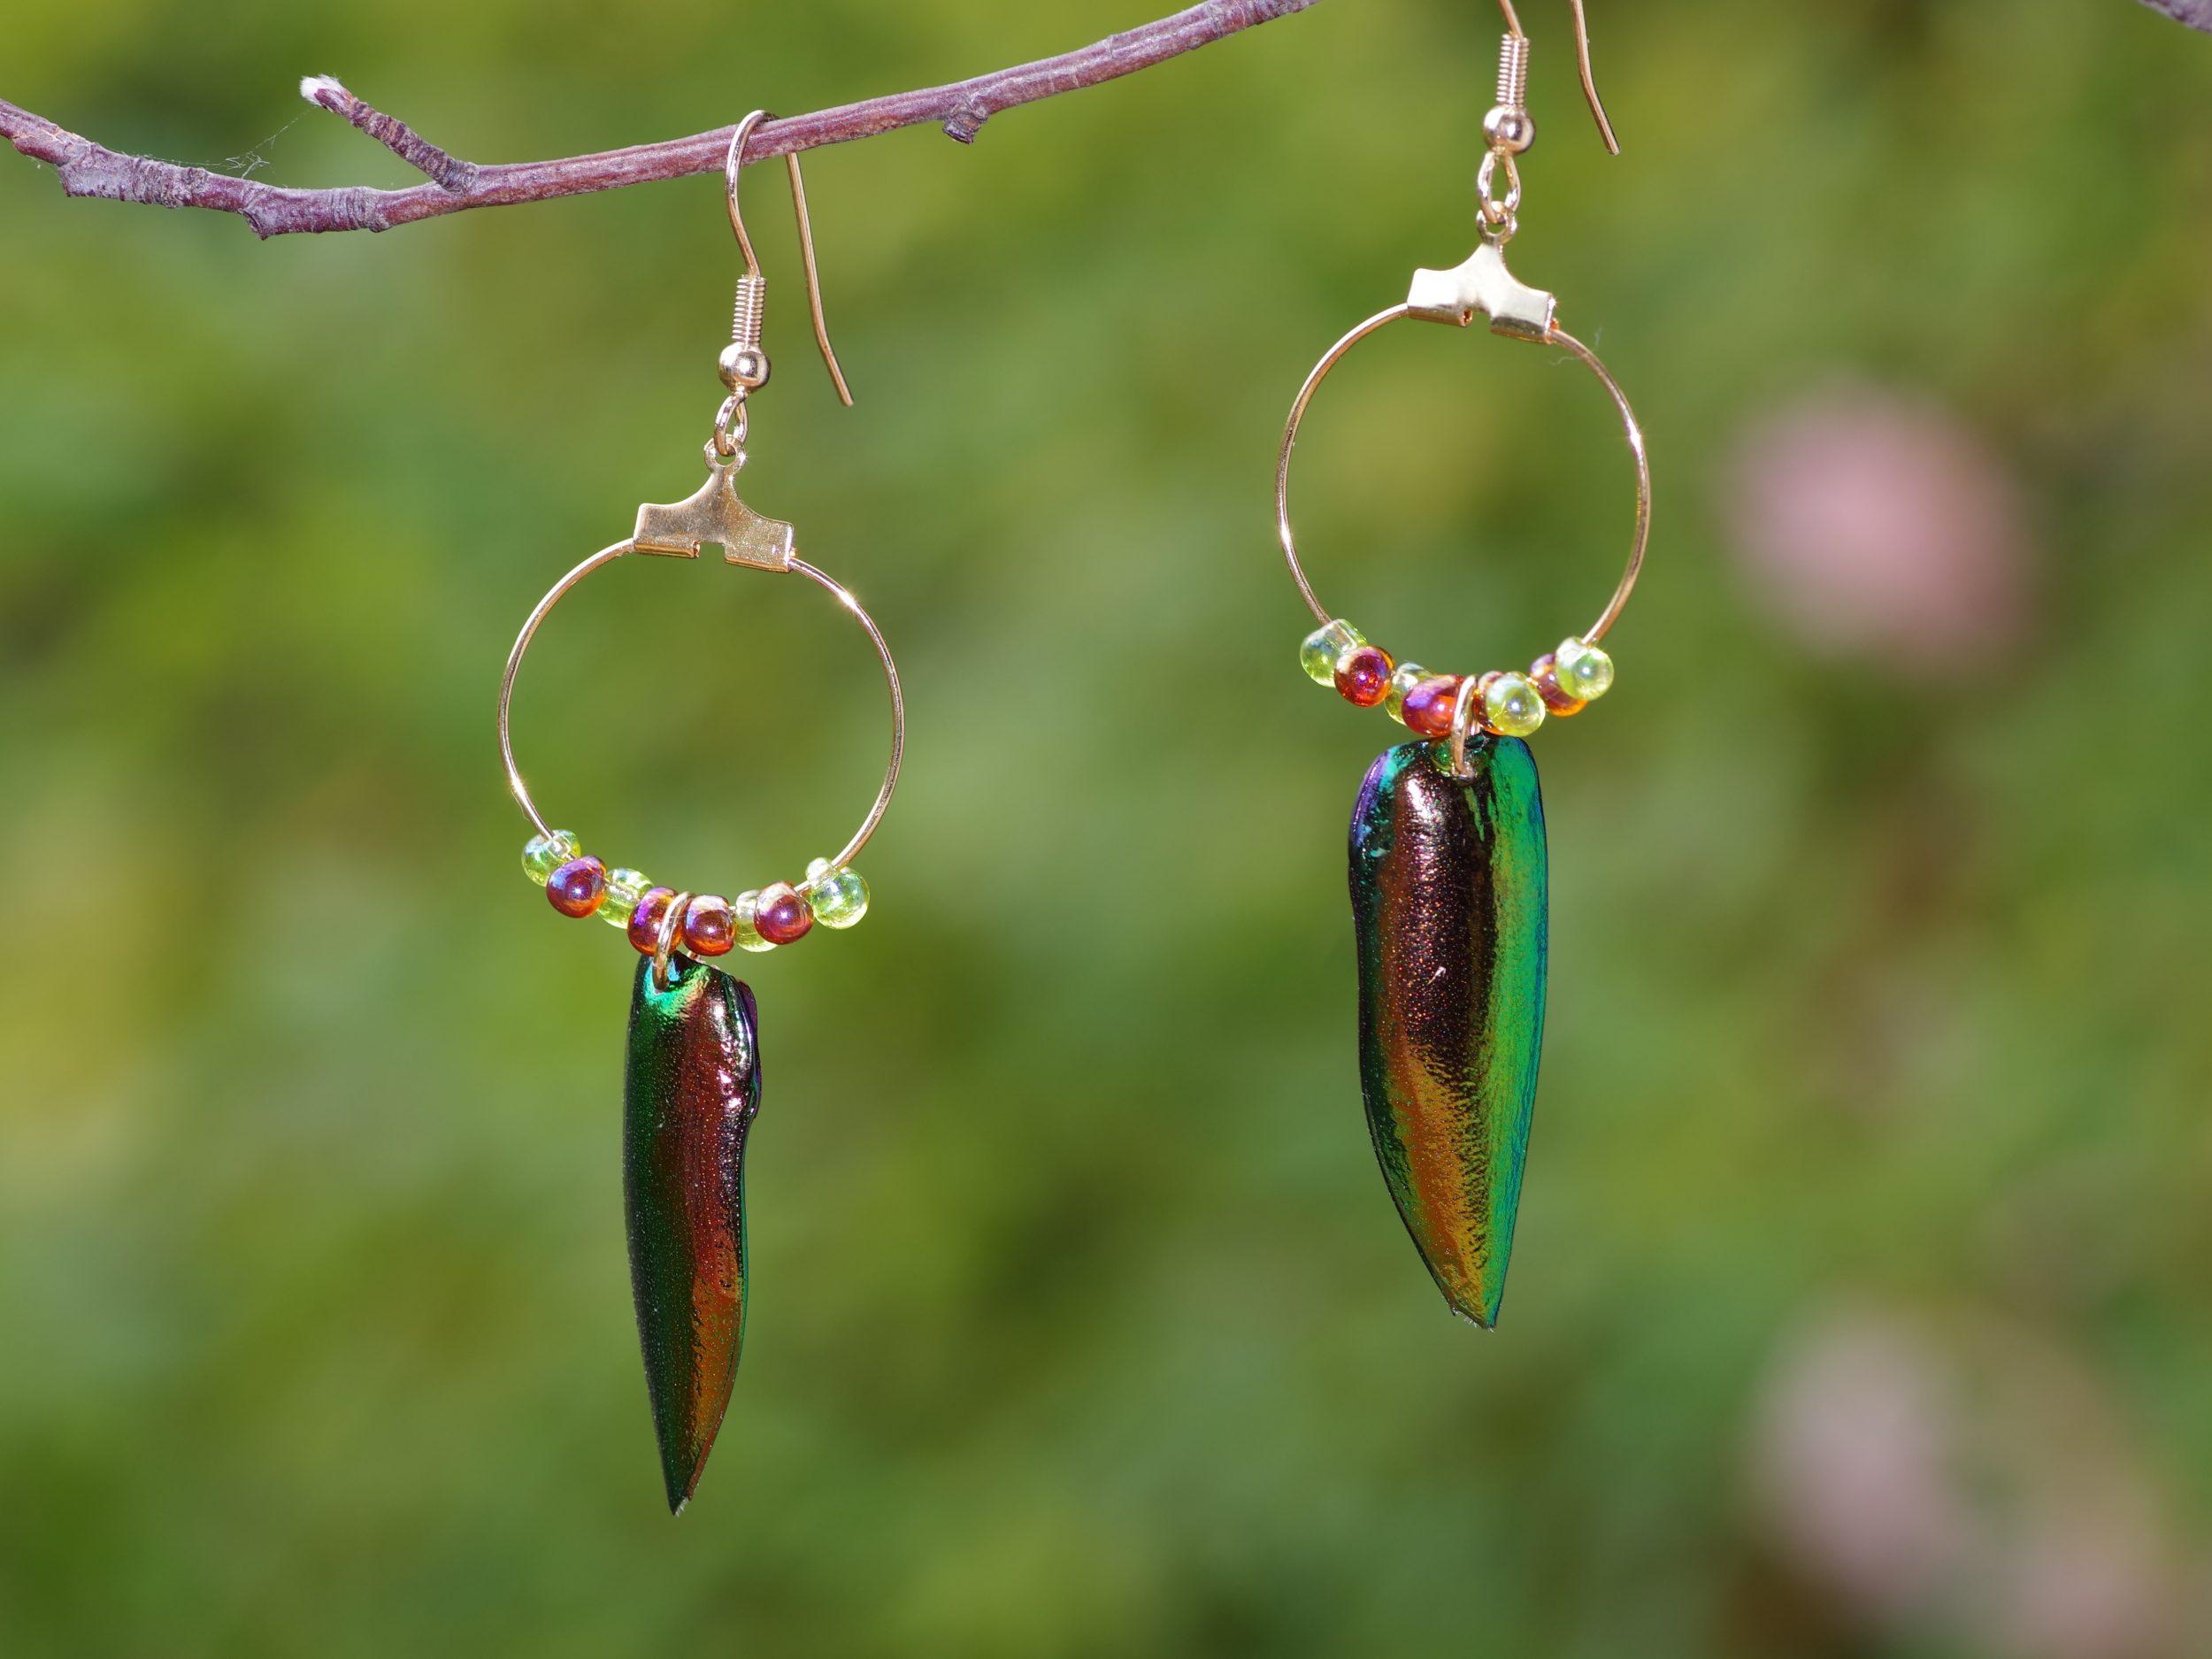 boucles d'oreilles avec un élytre de scarabée sous un anneau dorés et des perles de verre assorties à l'élytre